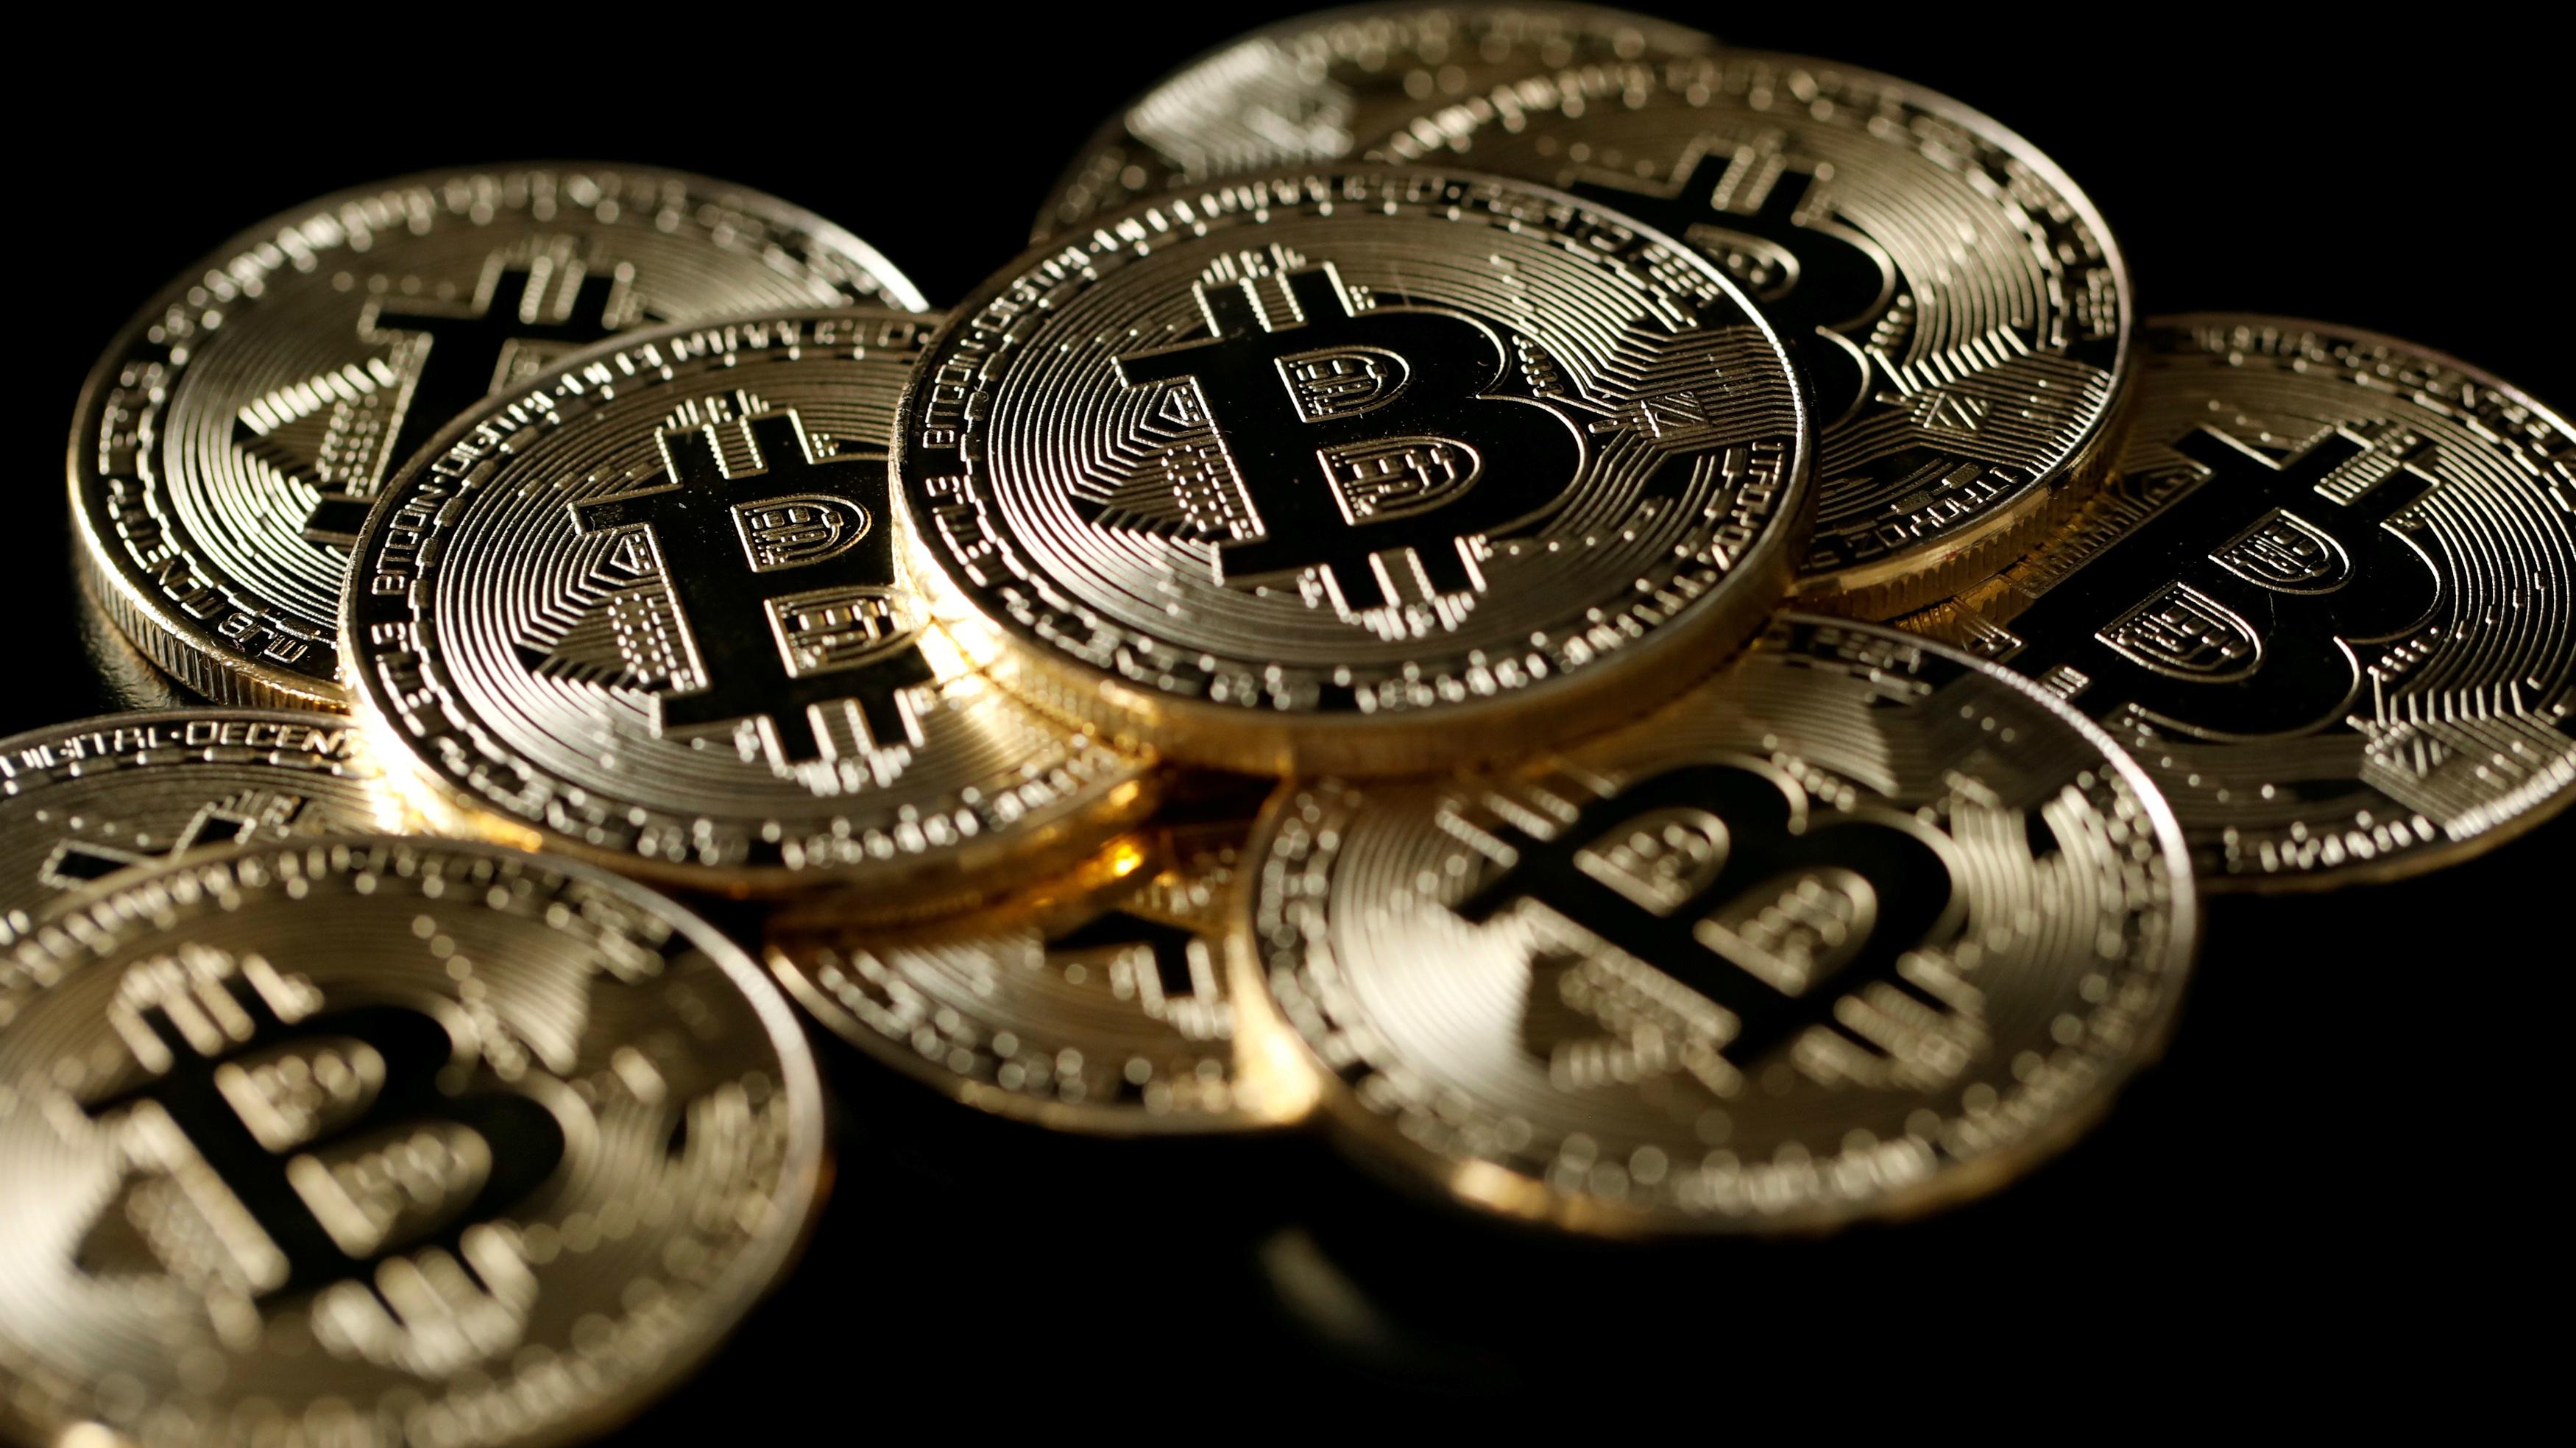 c-bitcoin-RTX3VKFF-Benoit Tessier